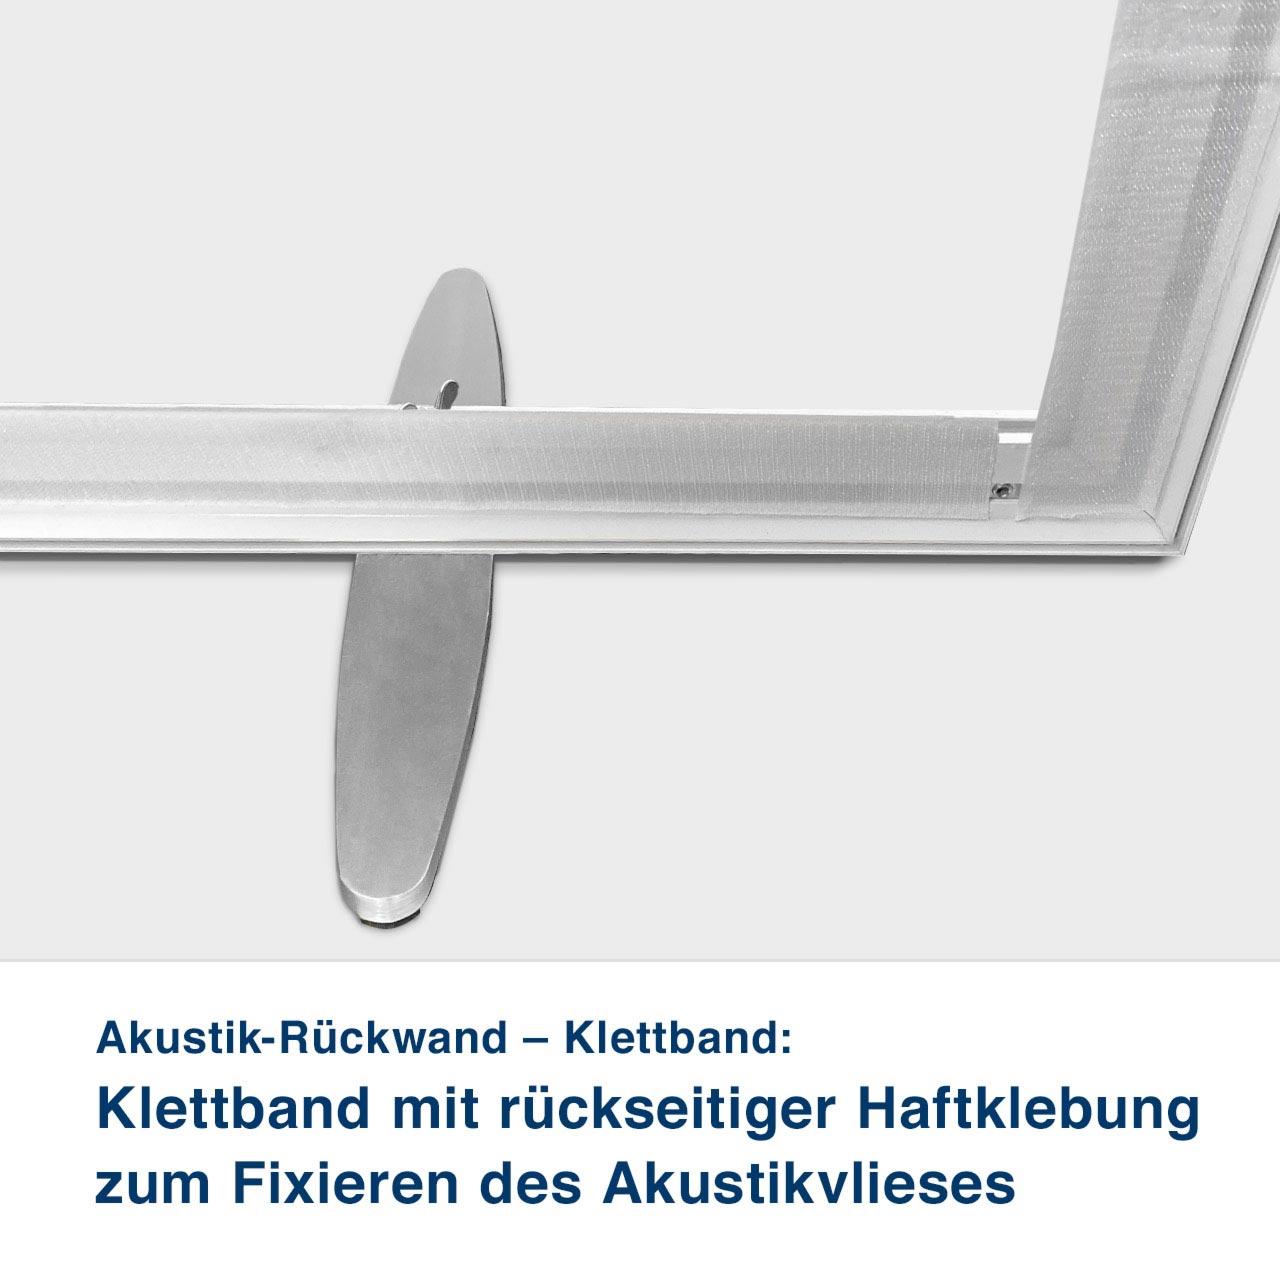 Akustik-Rückwand – Klettband:   Klettband mit rückseitiger Haftklebung zum Fixieren des Akustikvlieses